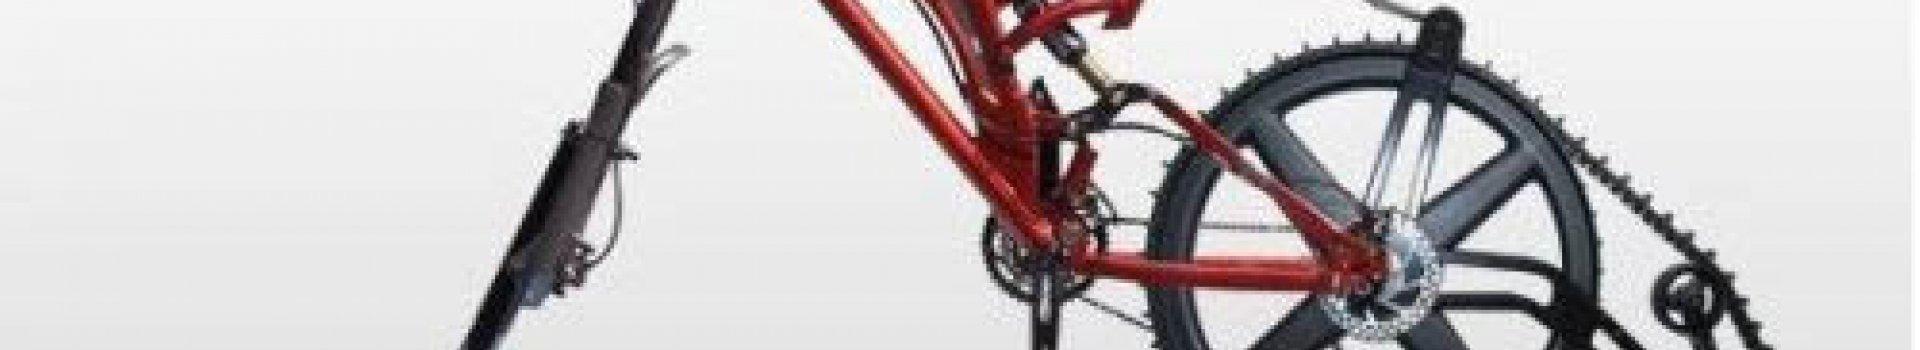 Jak przygotować rower do zimy?